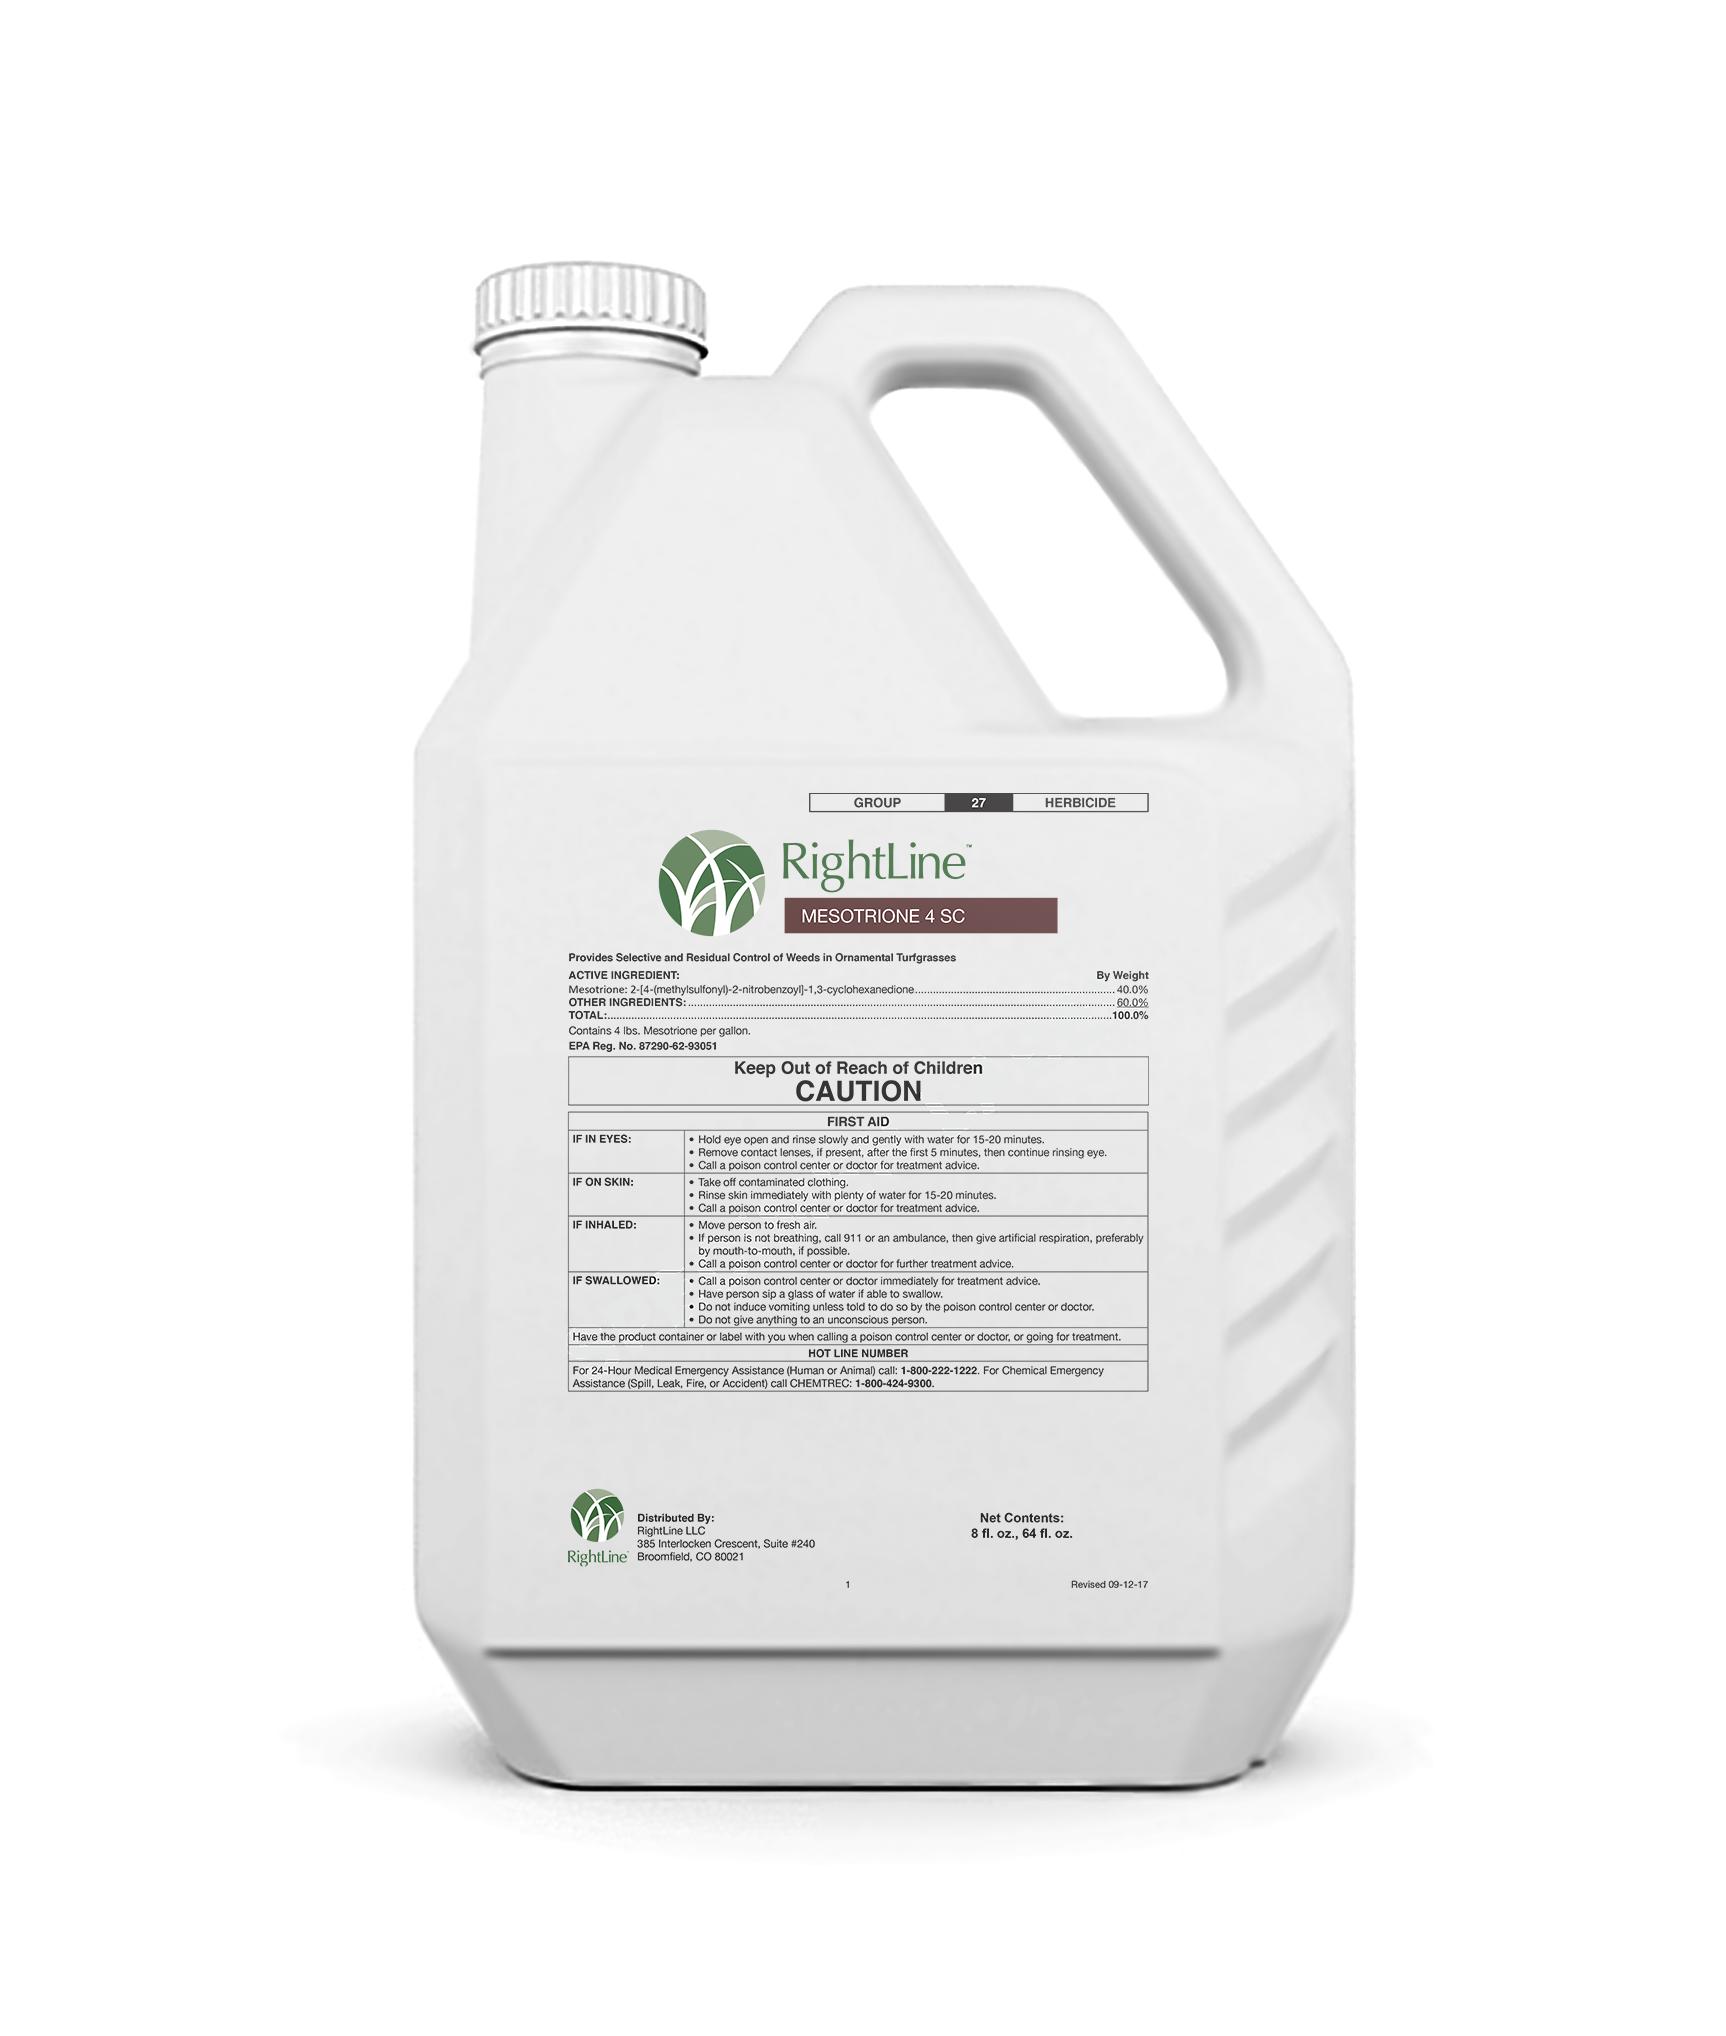 rightline mesotrione 4 sc herbicide